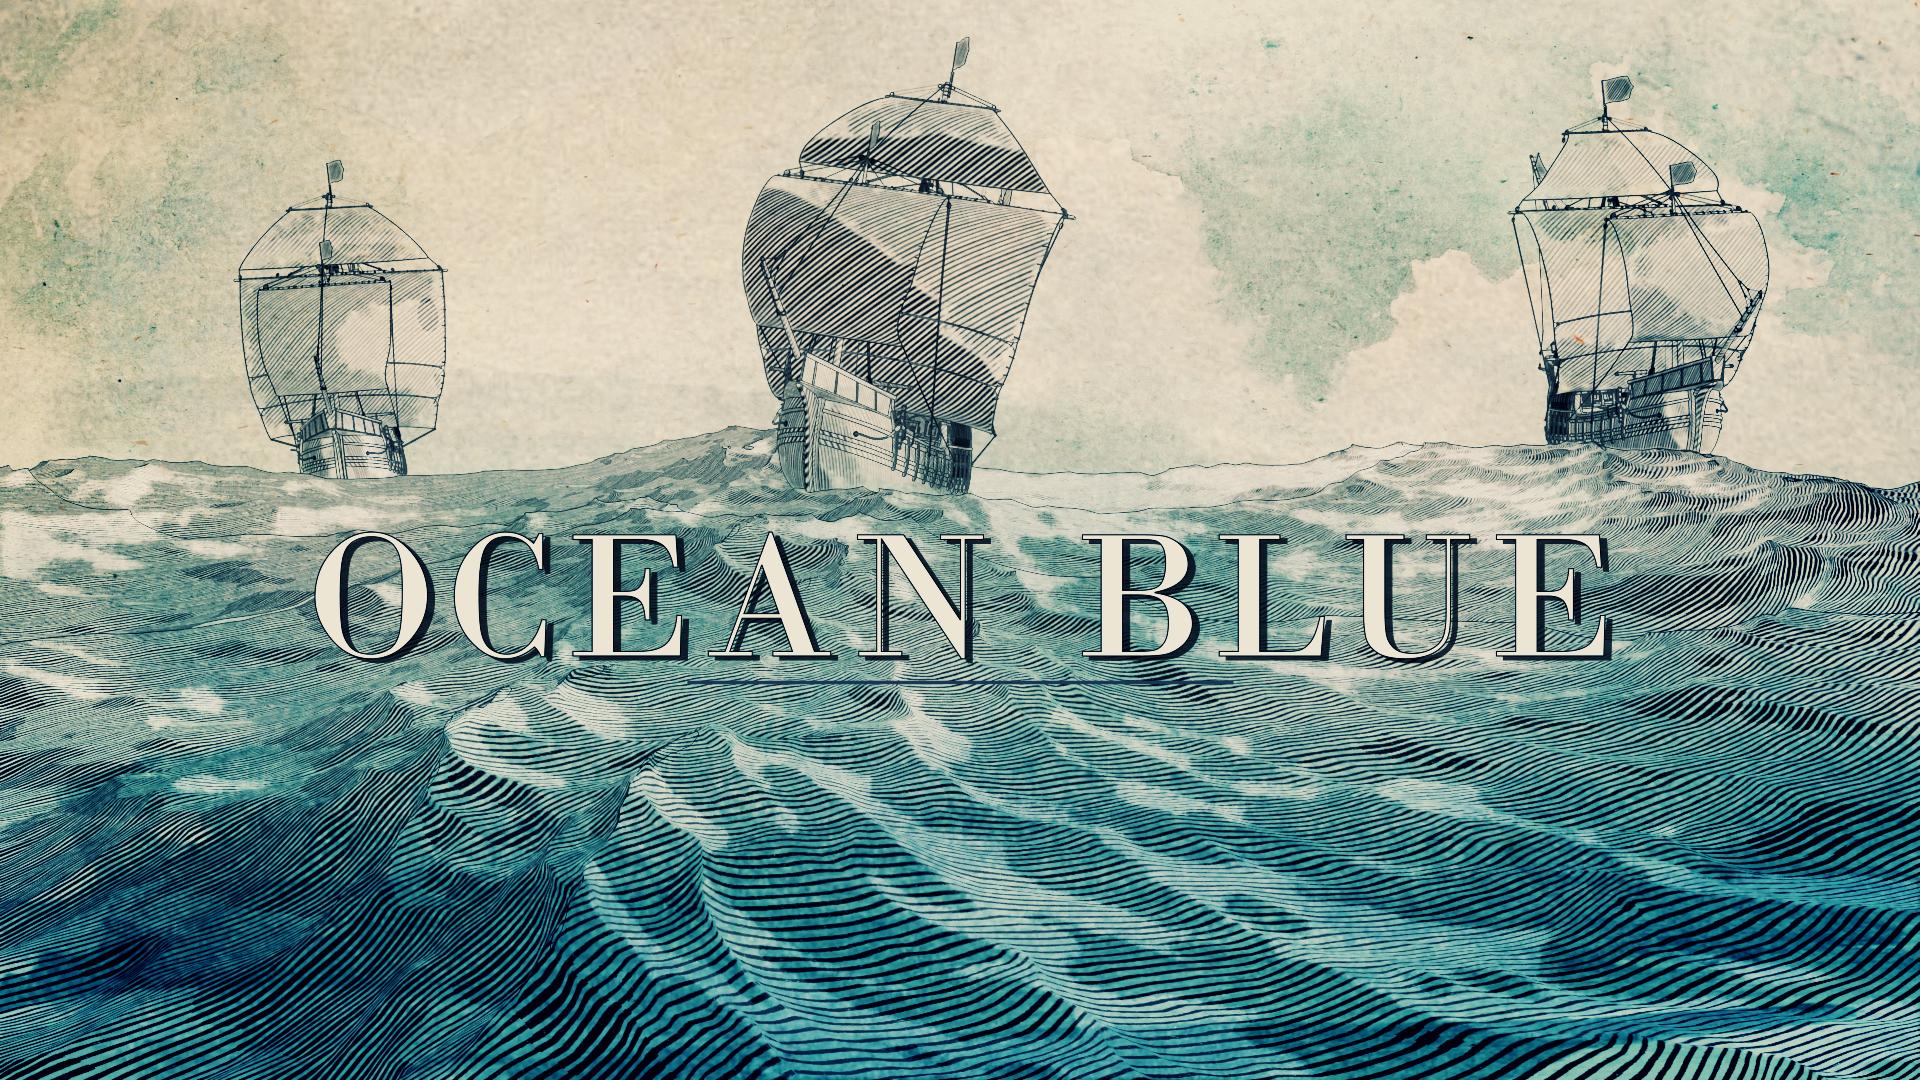 OCEAN_BLUE_BOARDS_AV_03.04.2015_REV_00008.jpg